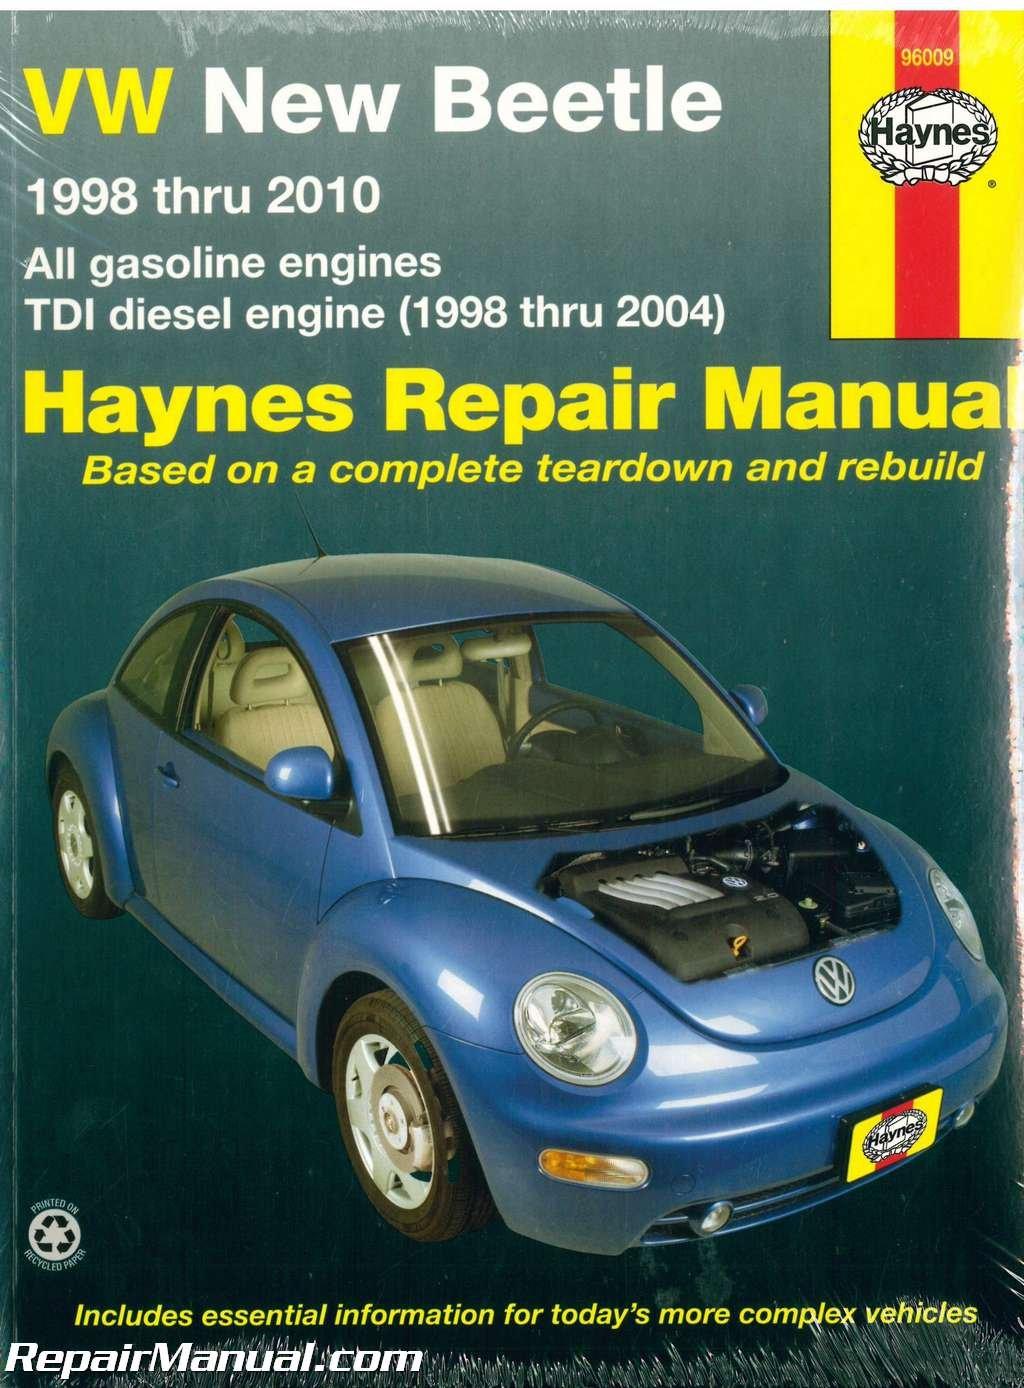 H96009 Volkswagon VW New Beetle 1998-2010 Haynes Repair Manual:  Manufacturer: Amazon.com: Books